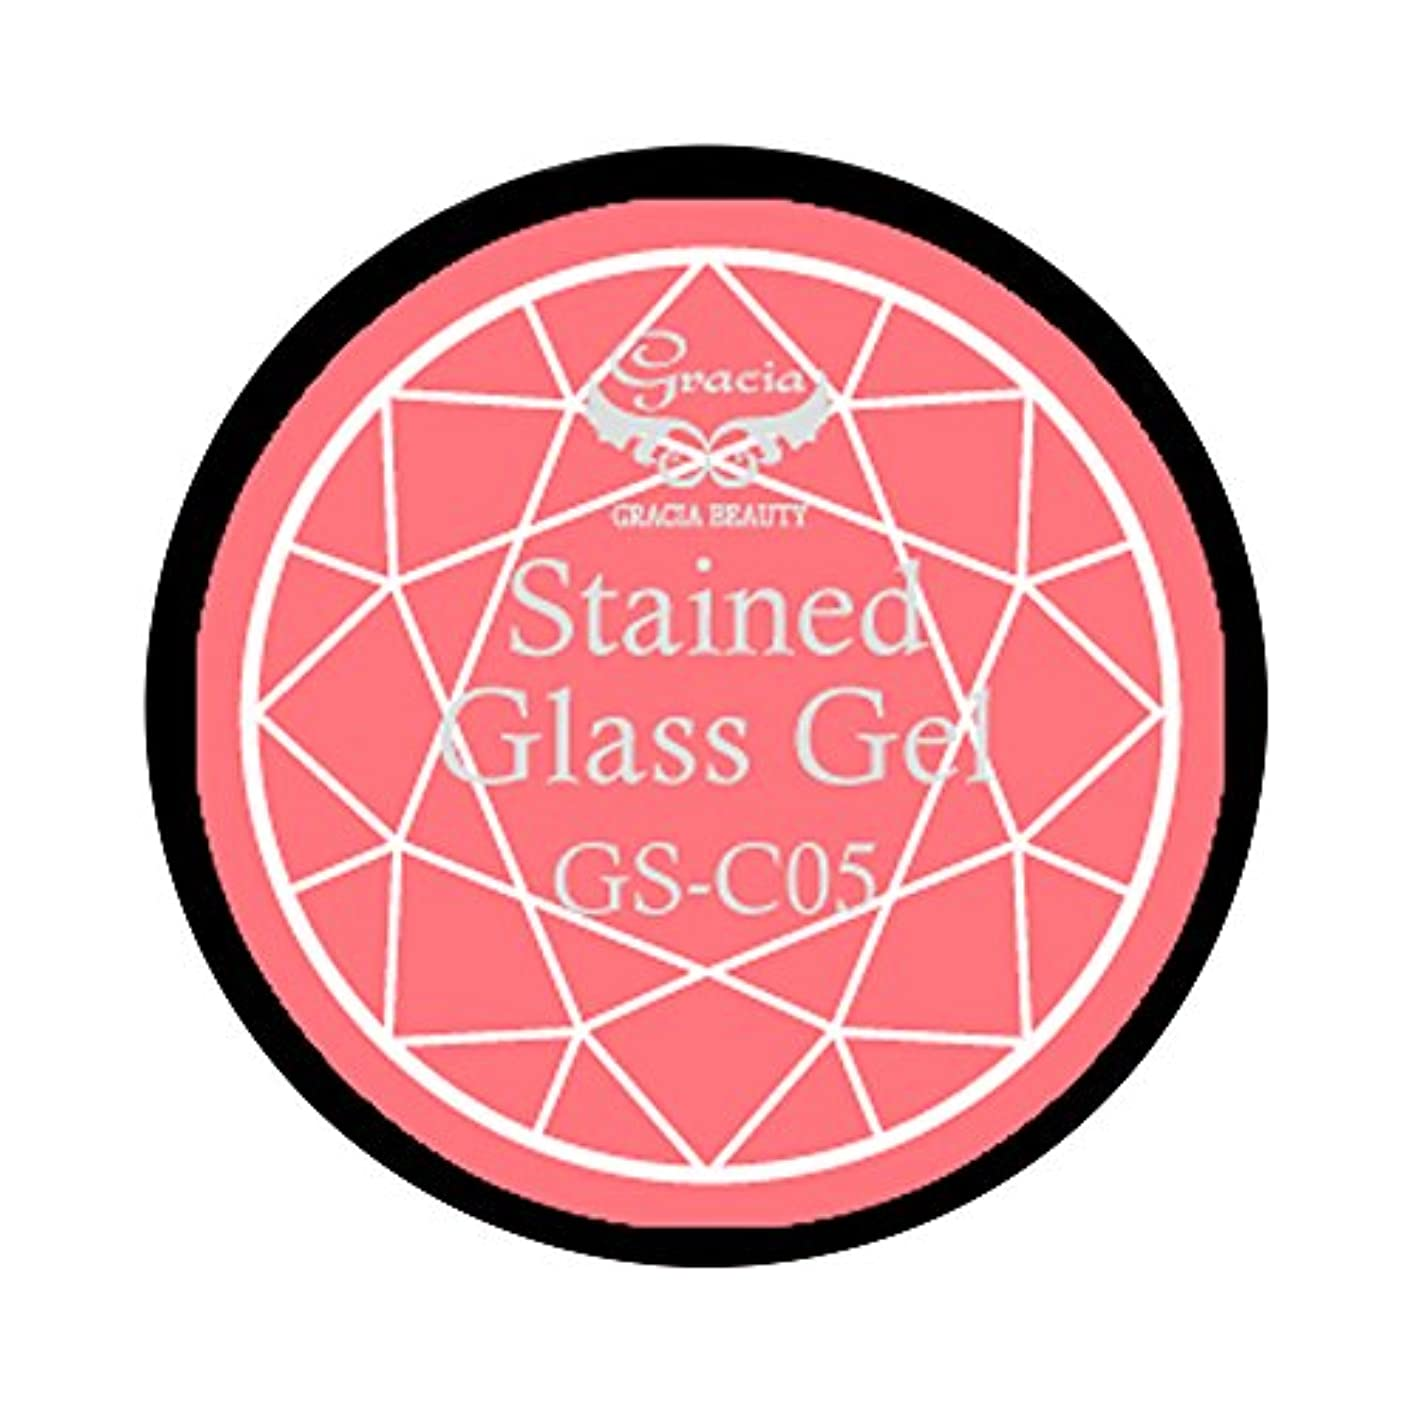 傭兵見ました論争グラシア ジェルネイル ステンドグラスジェル GSM-C05 3g  クリア UV/LED対応 カラージェル ソークオフジェル ガラスのような透明感